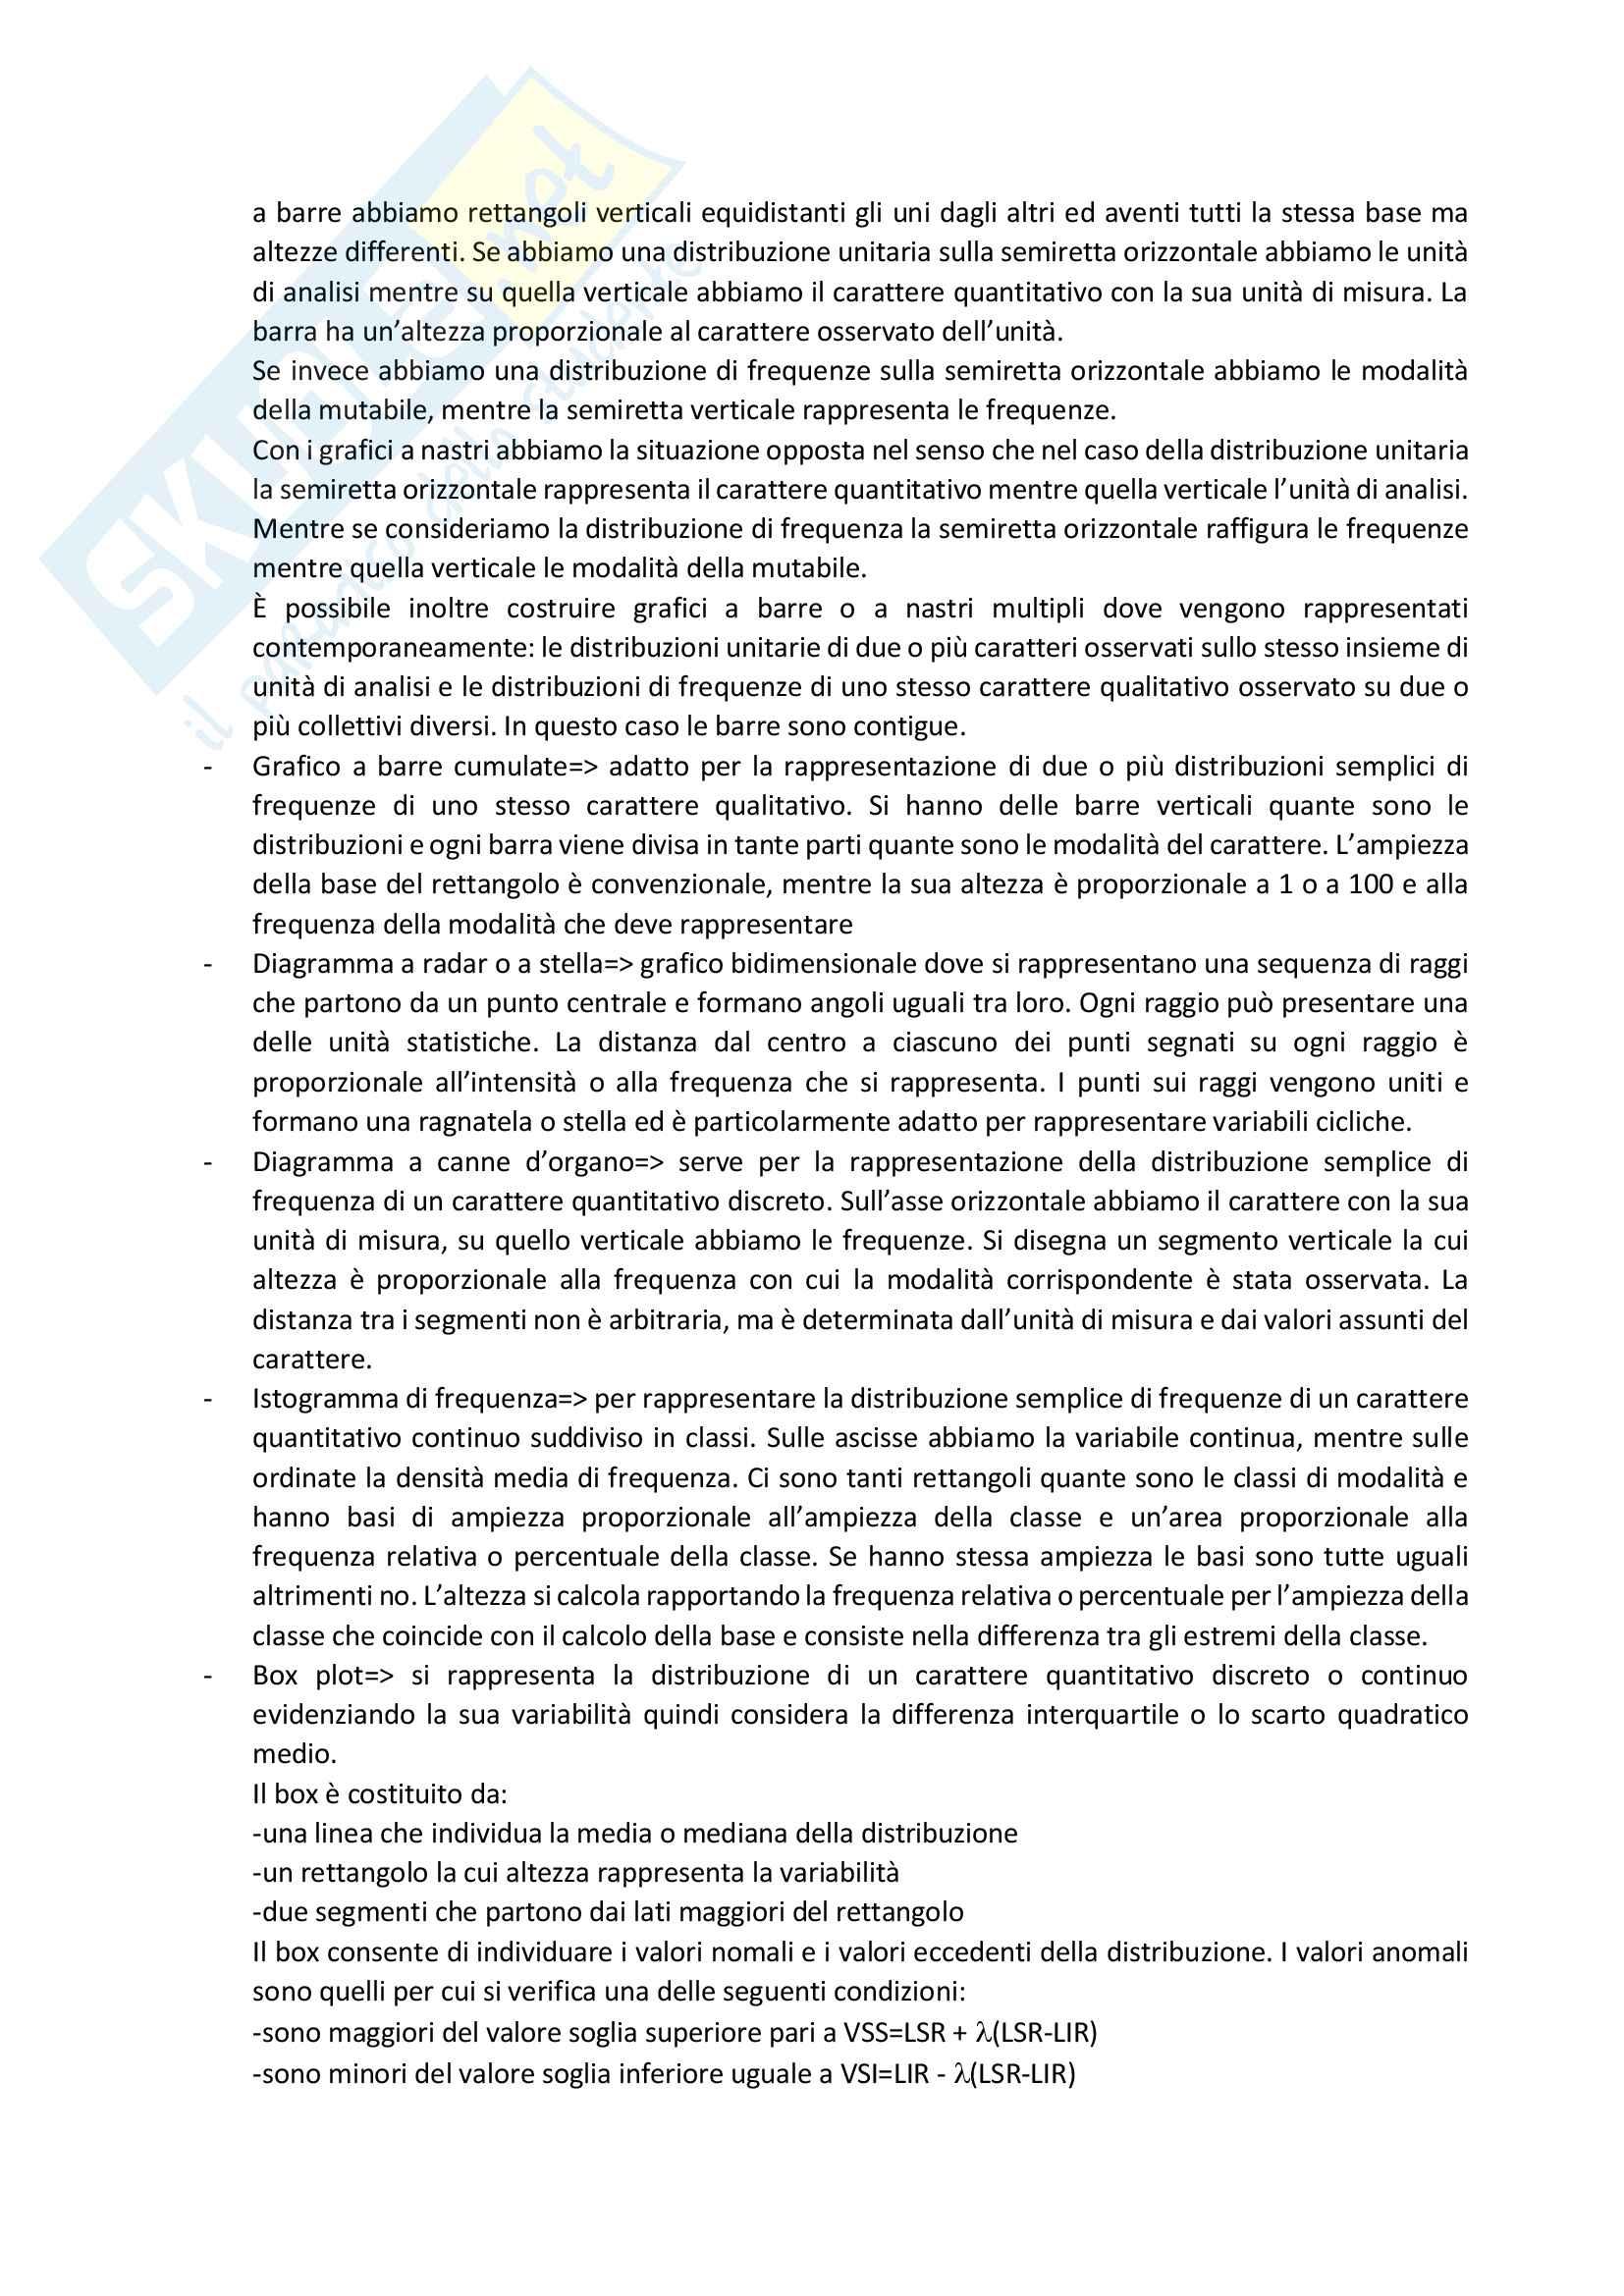 Riassunto esame Fonti e strumenti statistici per la comunicazione, prof Mingo,libro consigliato Statistiche,Istruzioni per l'uso, Bocci,Mingo Pag. 11